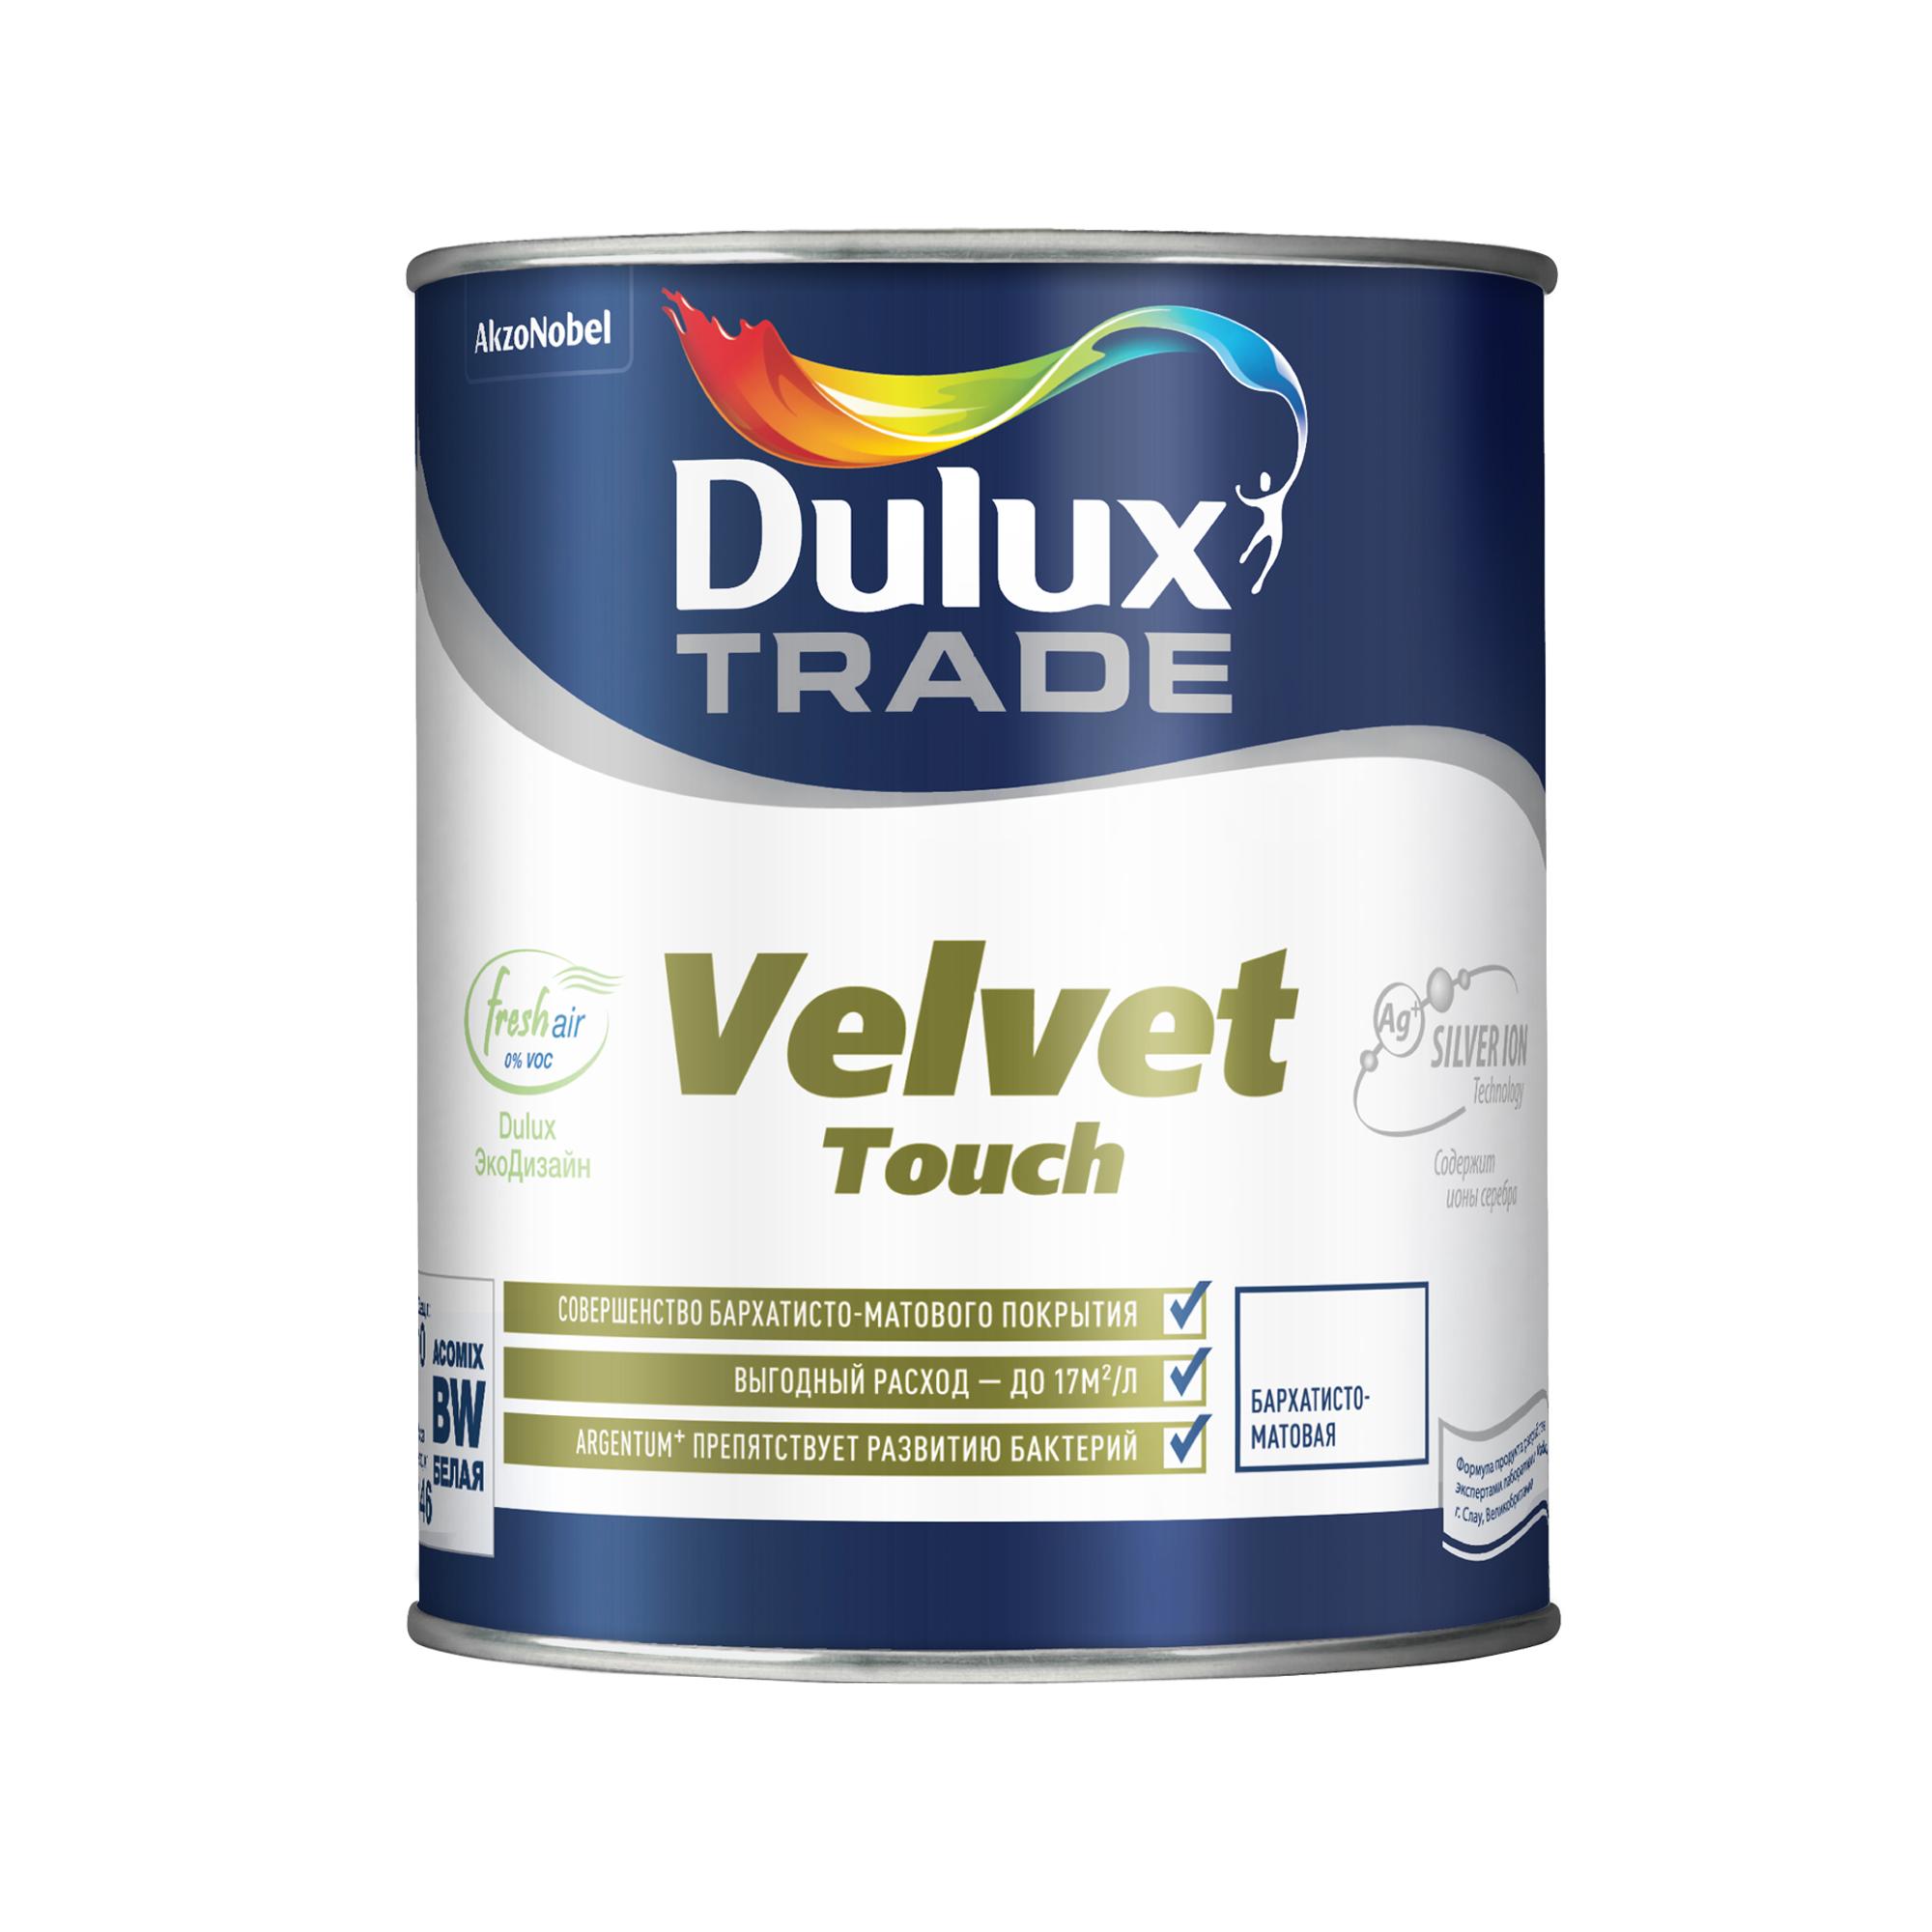 Купить Краска для внутренних работ Dulux Velvet Touch белая, 0, 96 л, Дюлакс/Dulux, Россия, белый